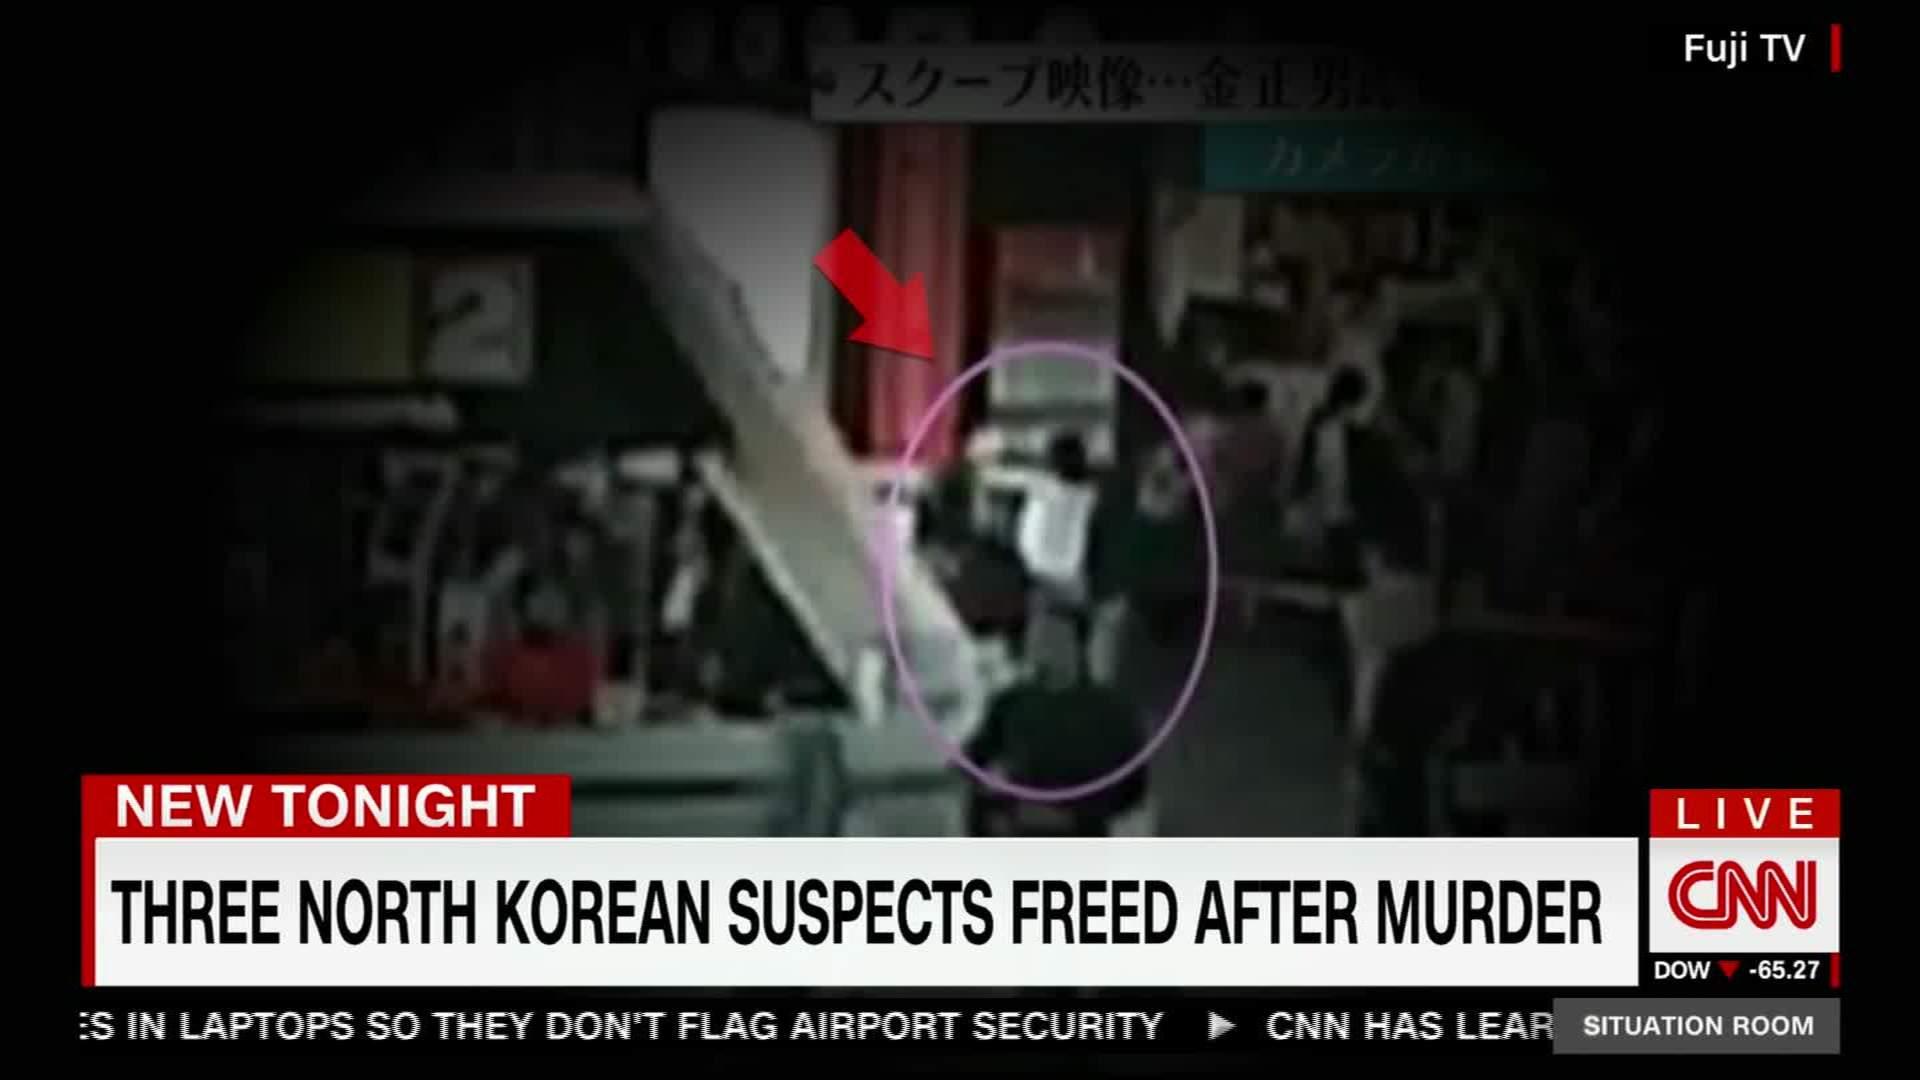 N Korea assassination: N Koreans released